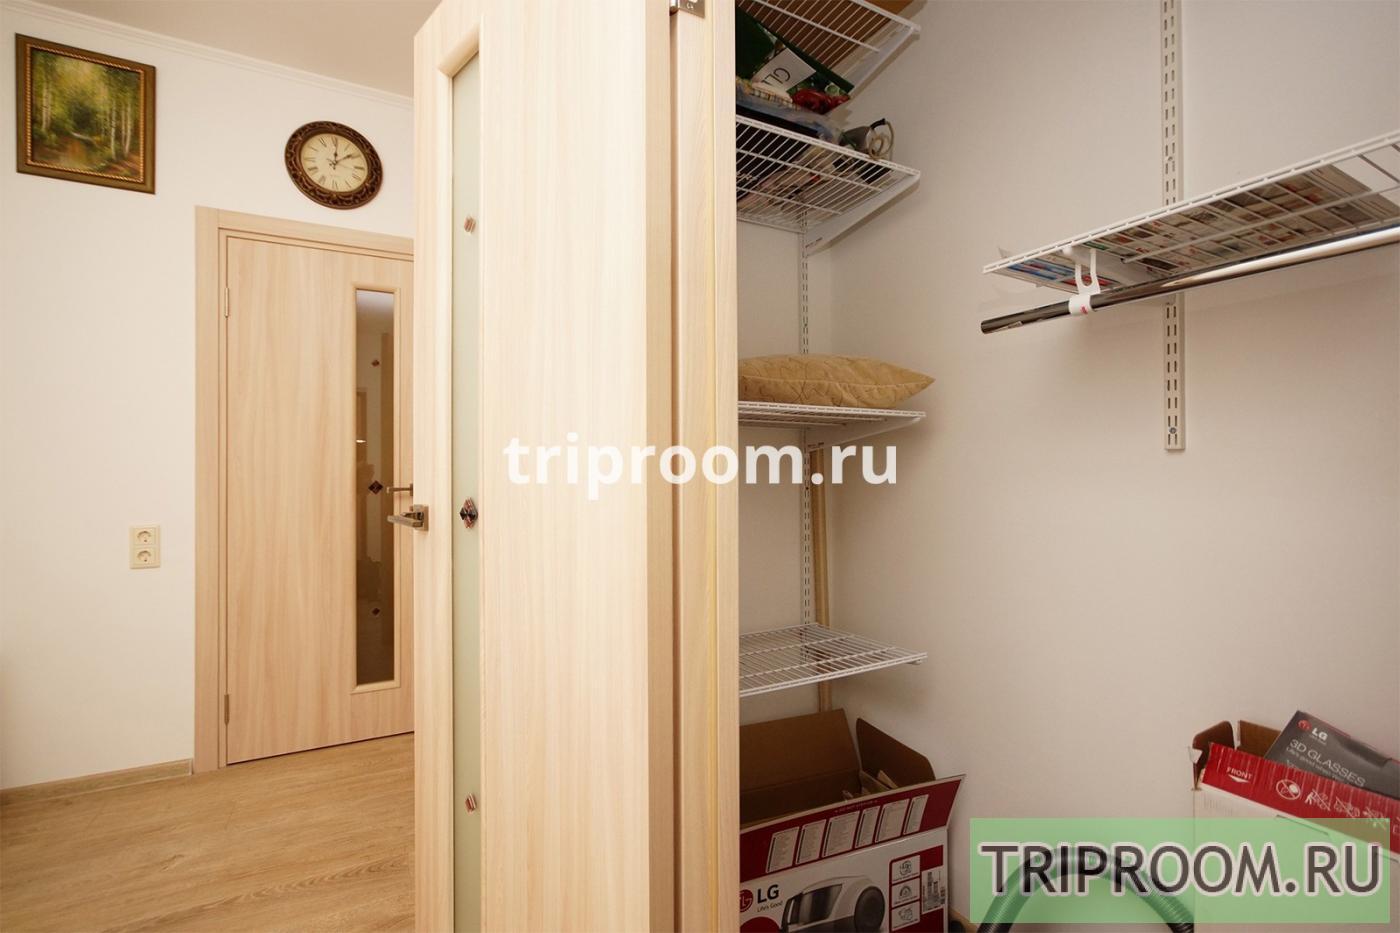 1-комнатная квартира посуточно (вариант № 17278), ул. Полтавский проезд, фото № 14